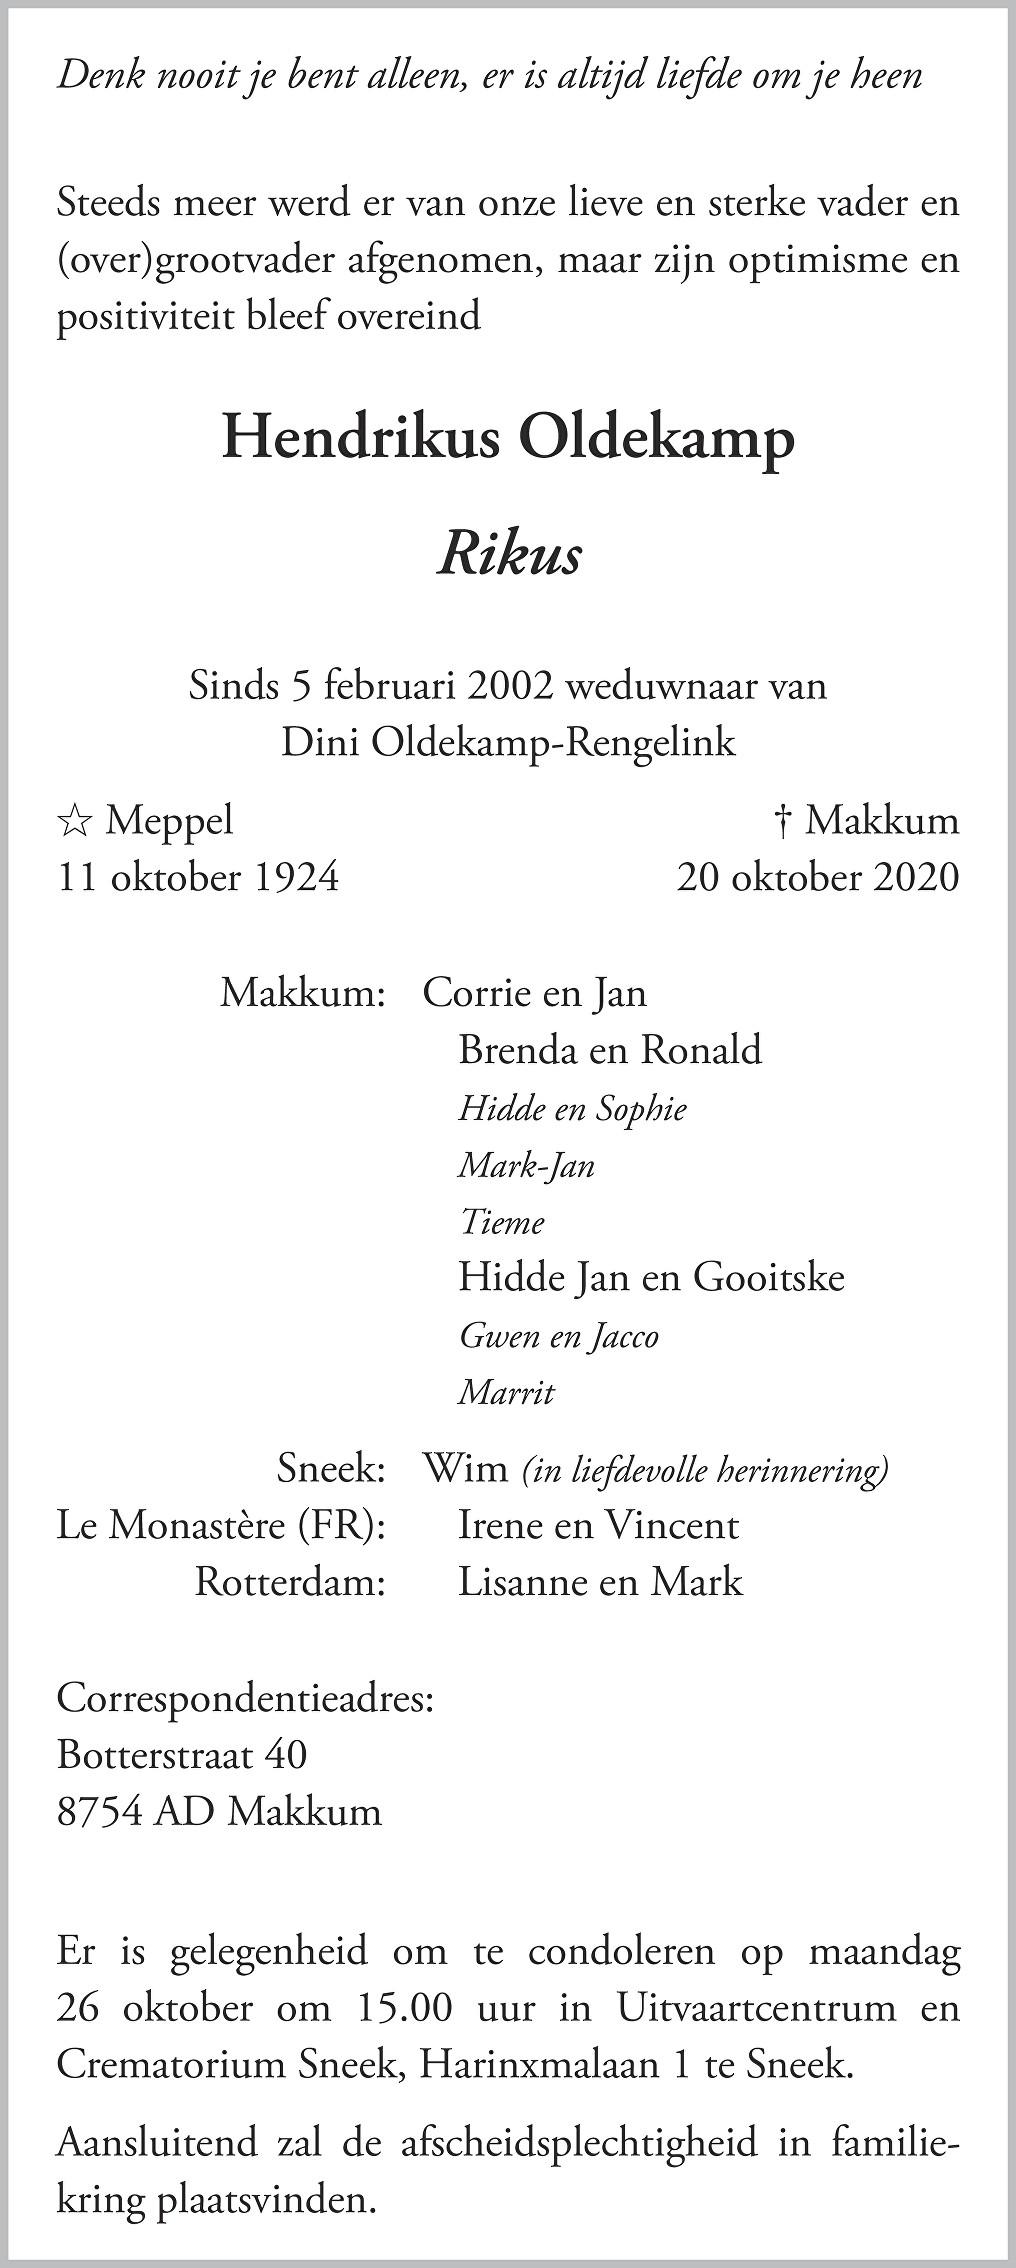 Hendrikus Oldekamp Death notice